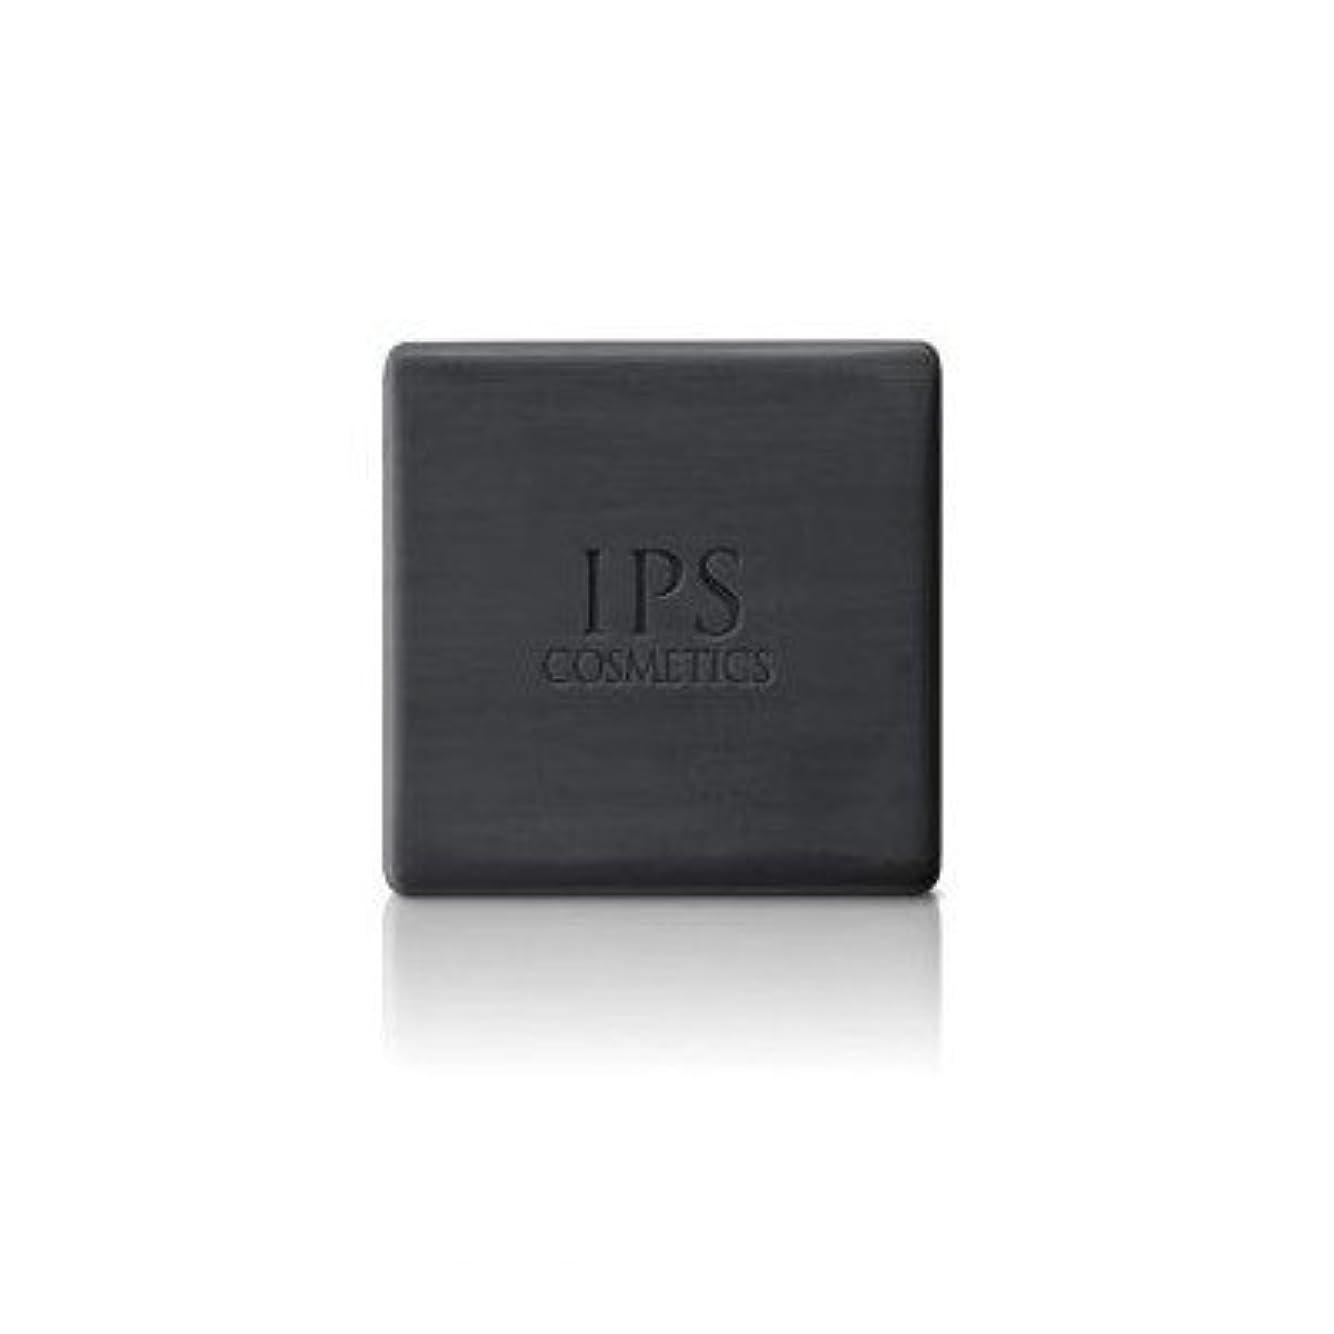 モッキンバード引き潮愛人IPS コンディショニングバー 洗顔石鹸 120g